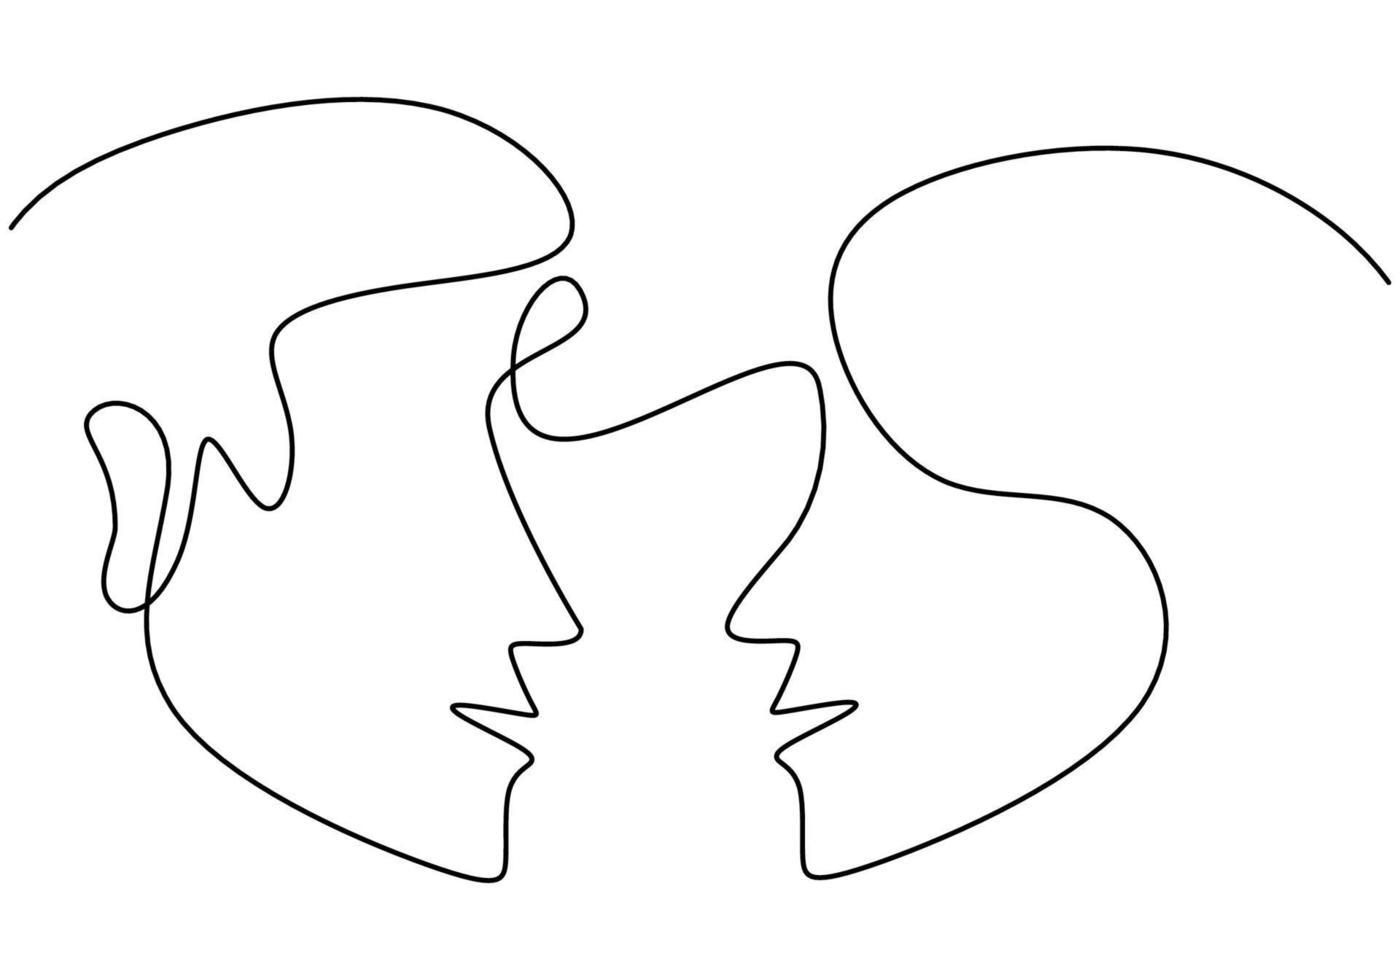 contínuo um desenho de linha de cabeças de homem e mulher em fundo branco. jovem casal romântico em pose cara a cara. feliz Dia dos namorados. estilo minimalista que ama o design gráfico. ilustração vetorial vetor